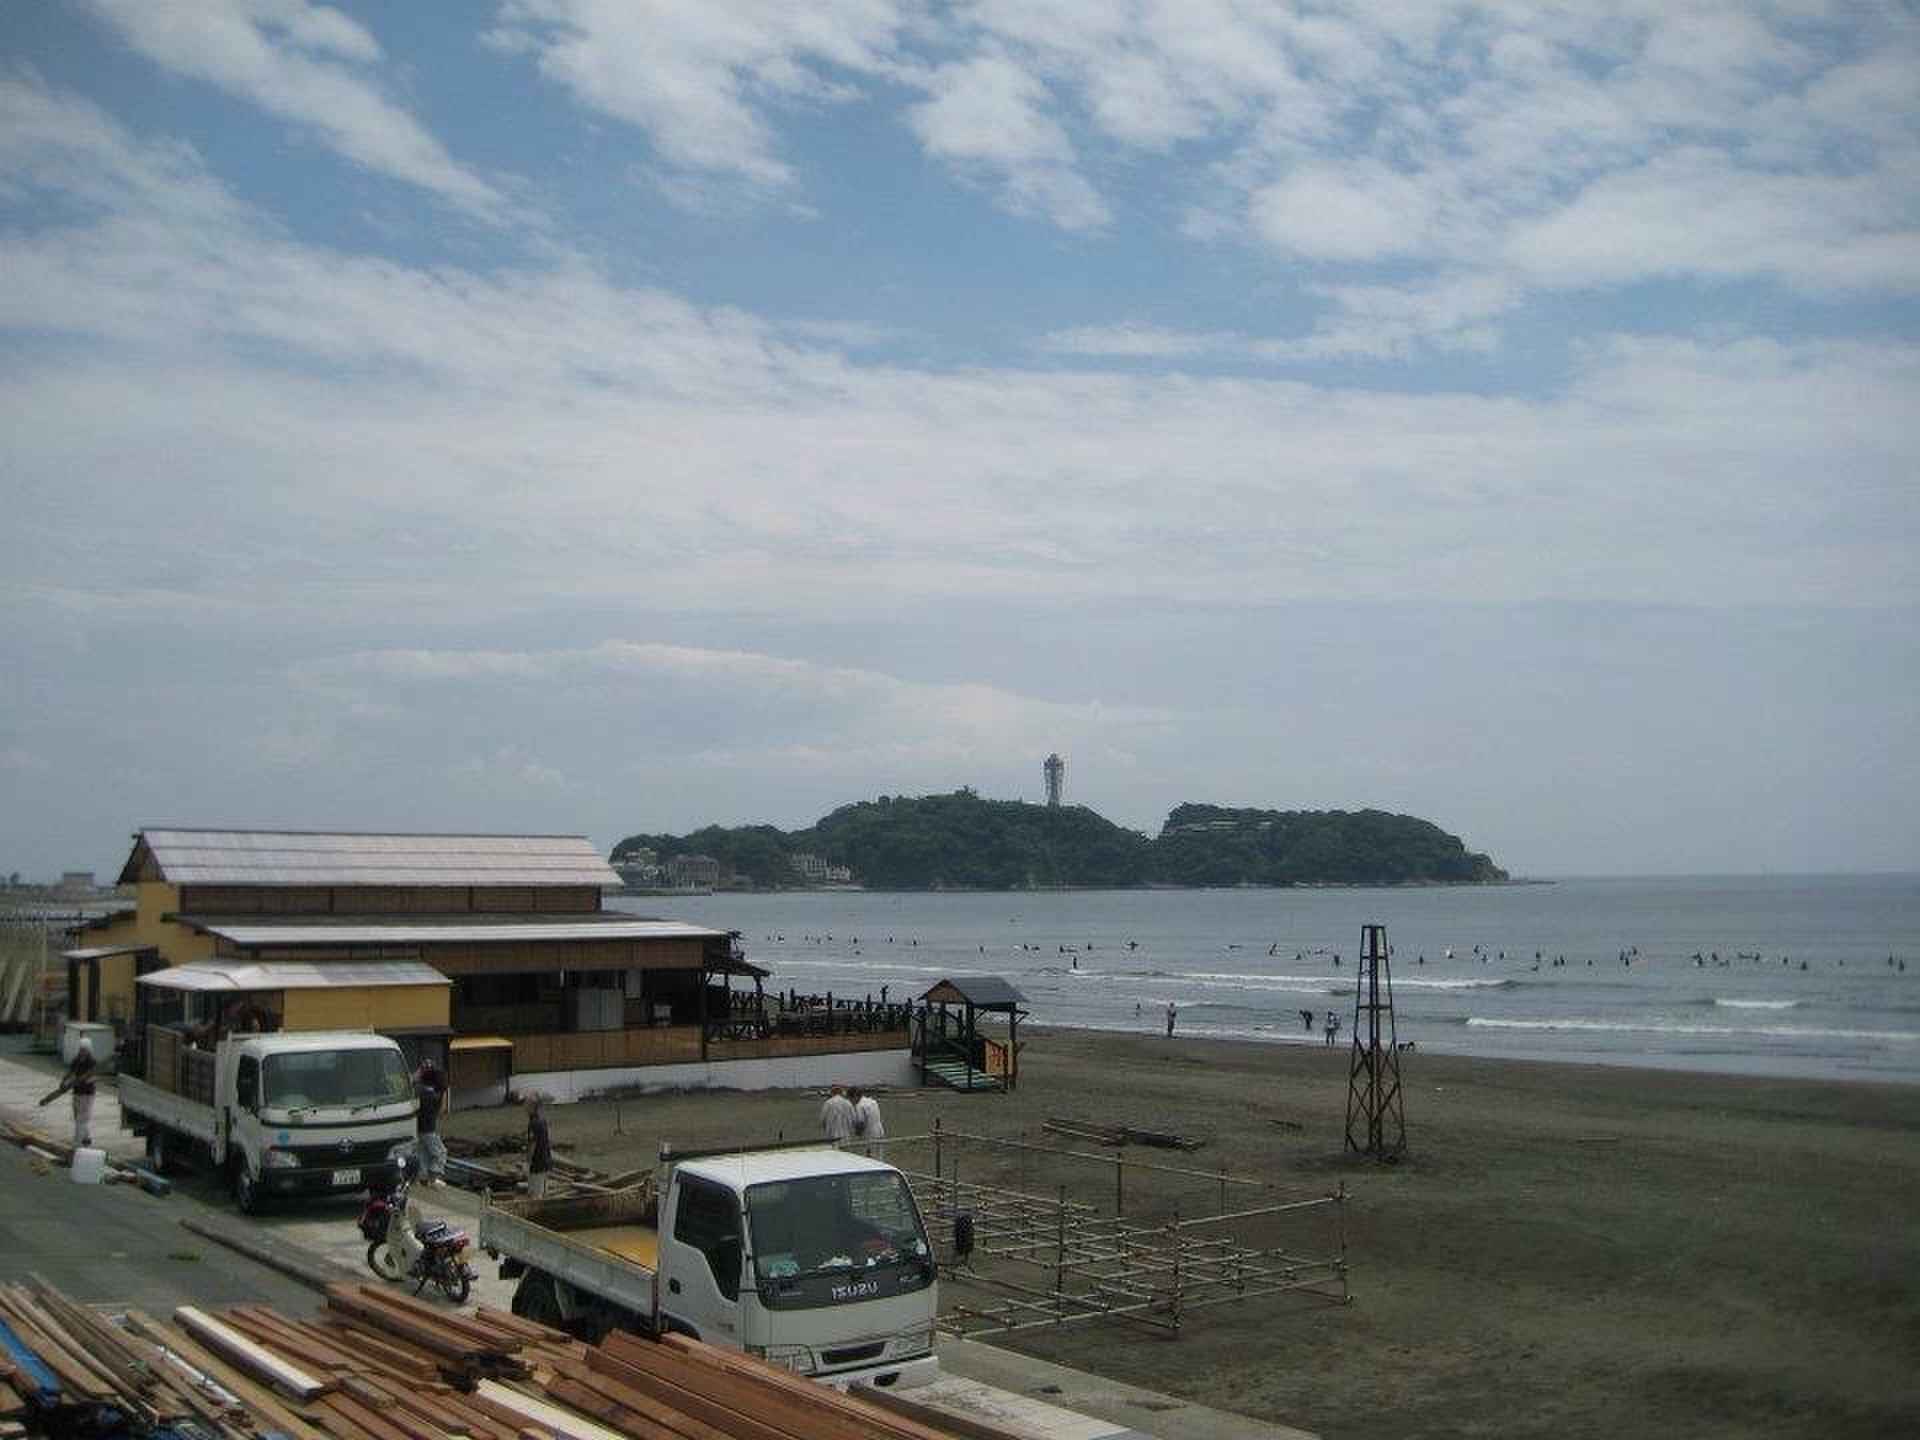 【湘南の聖地】江ノ島海岸から江の島神社へ。奥津宮からの眺めを堪能しよう!